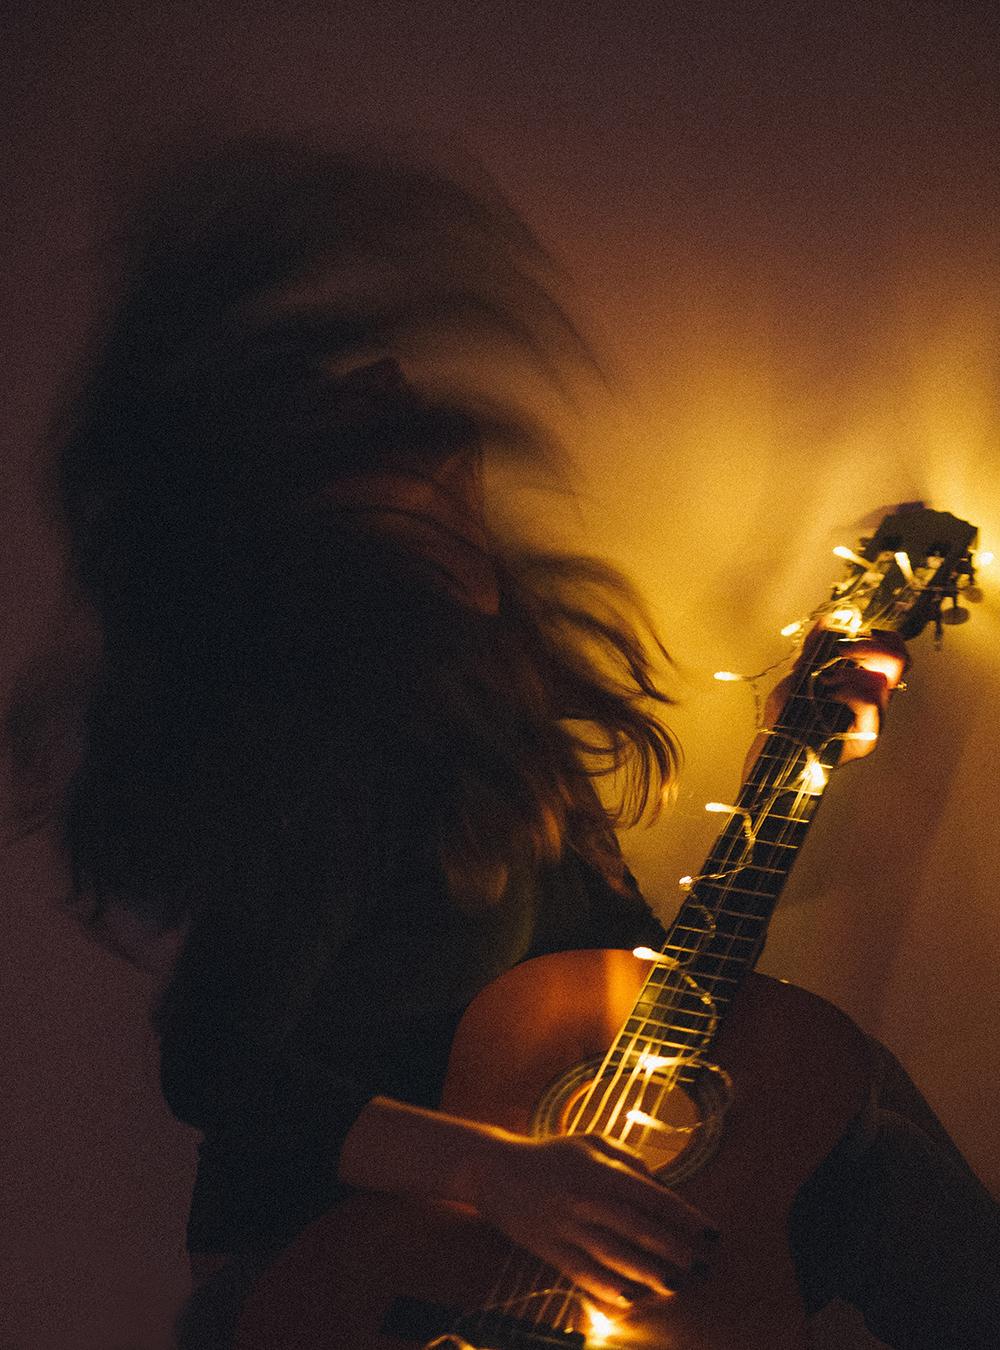 آموزش گیتار جلسه نوزدهم